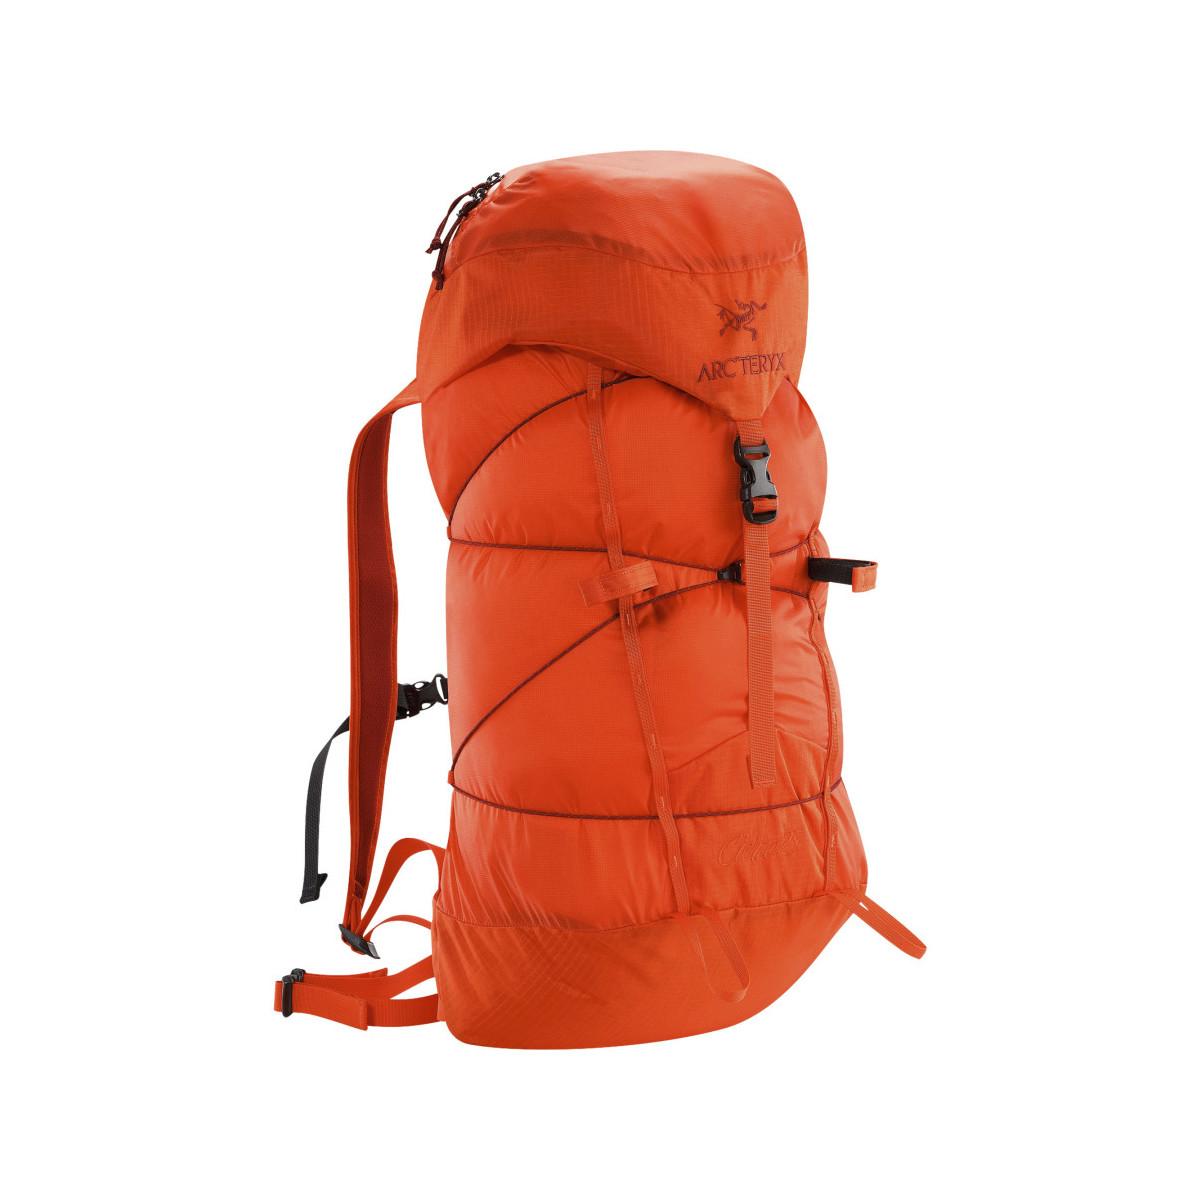 photo: Arc'teryx Cierzo 35 overnight pack (2,000 - 2,999 cu in)